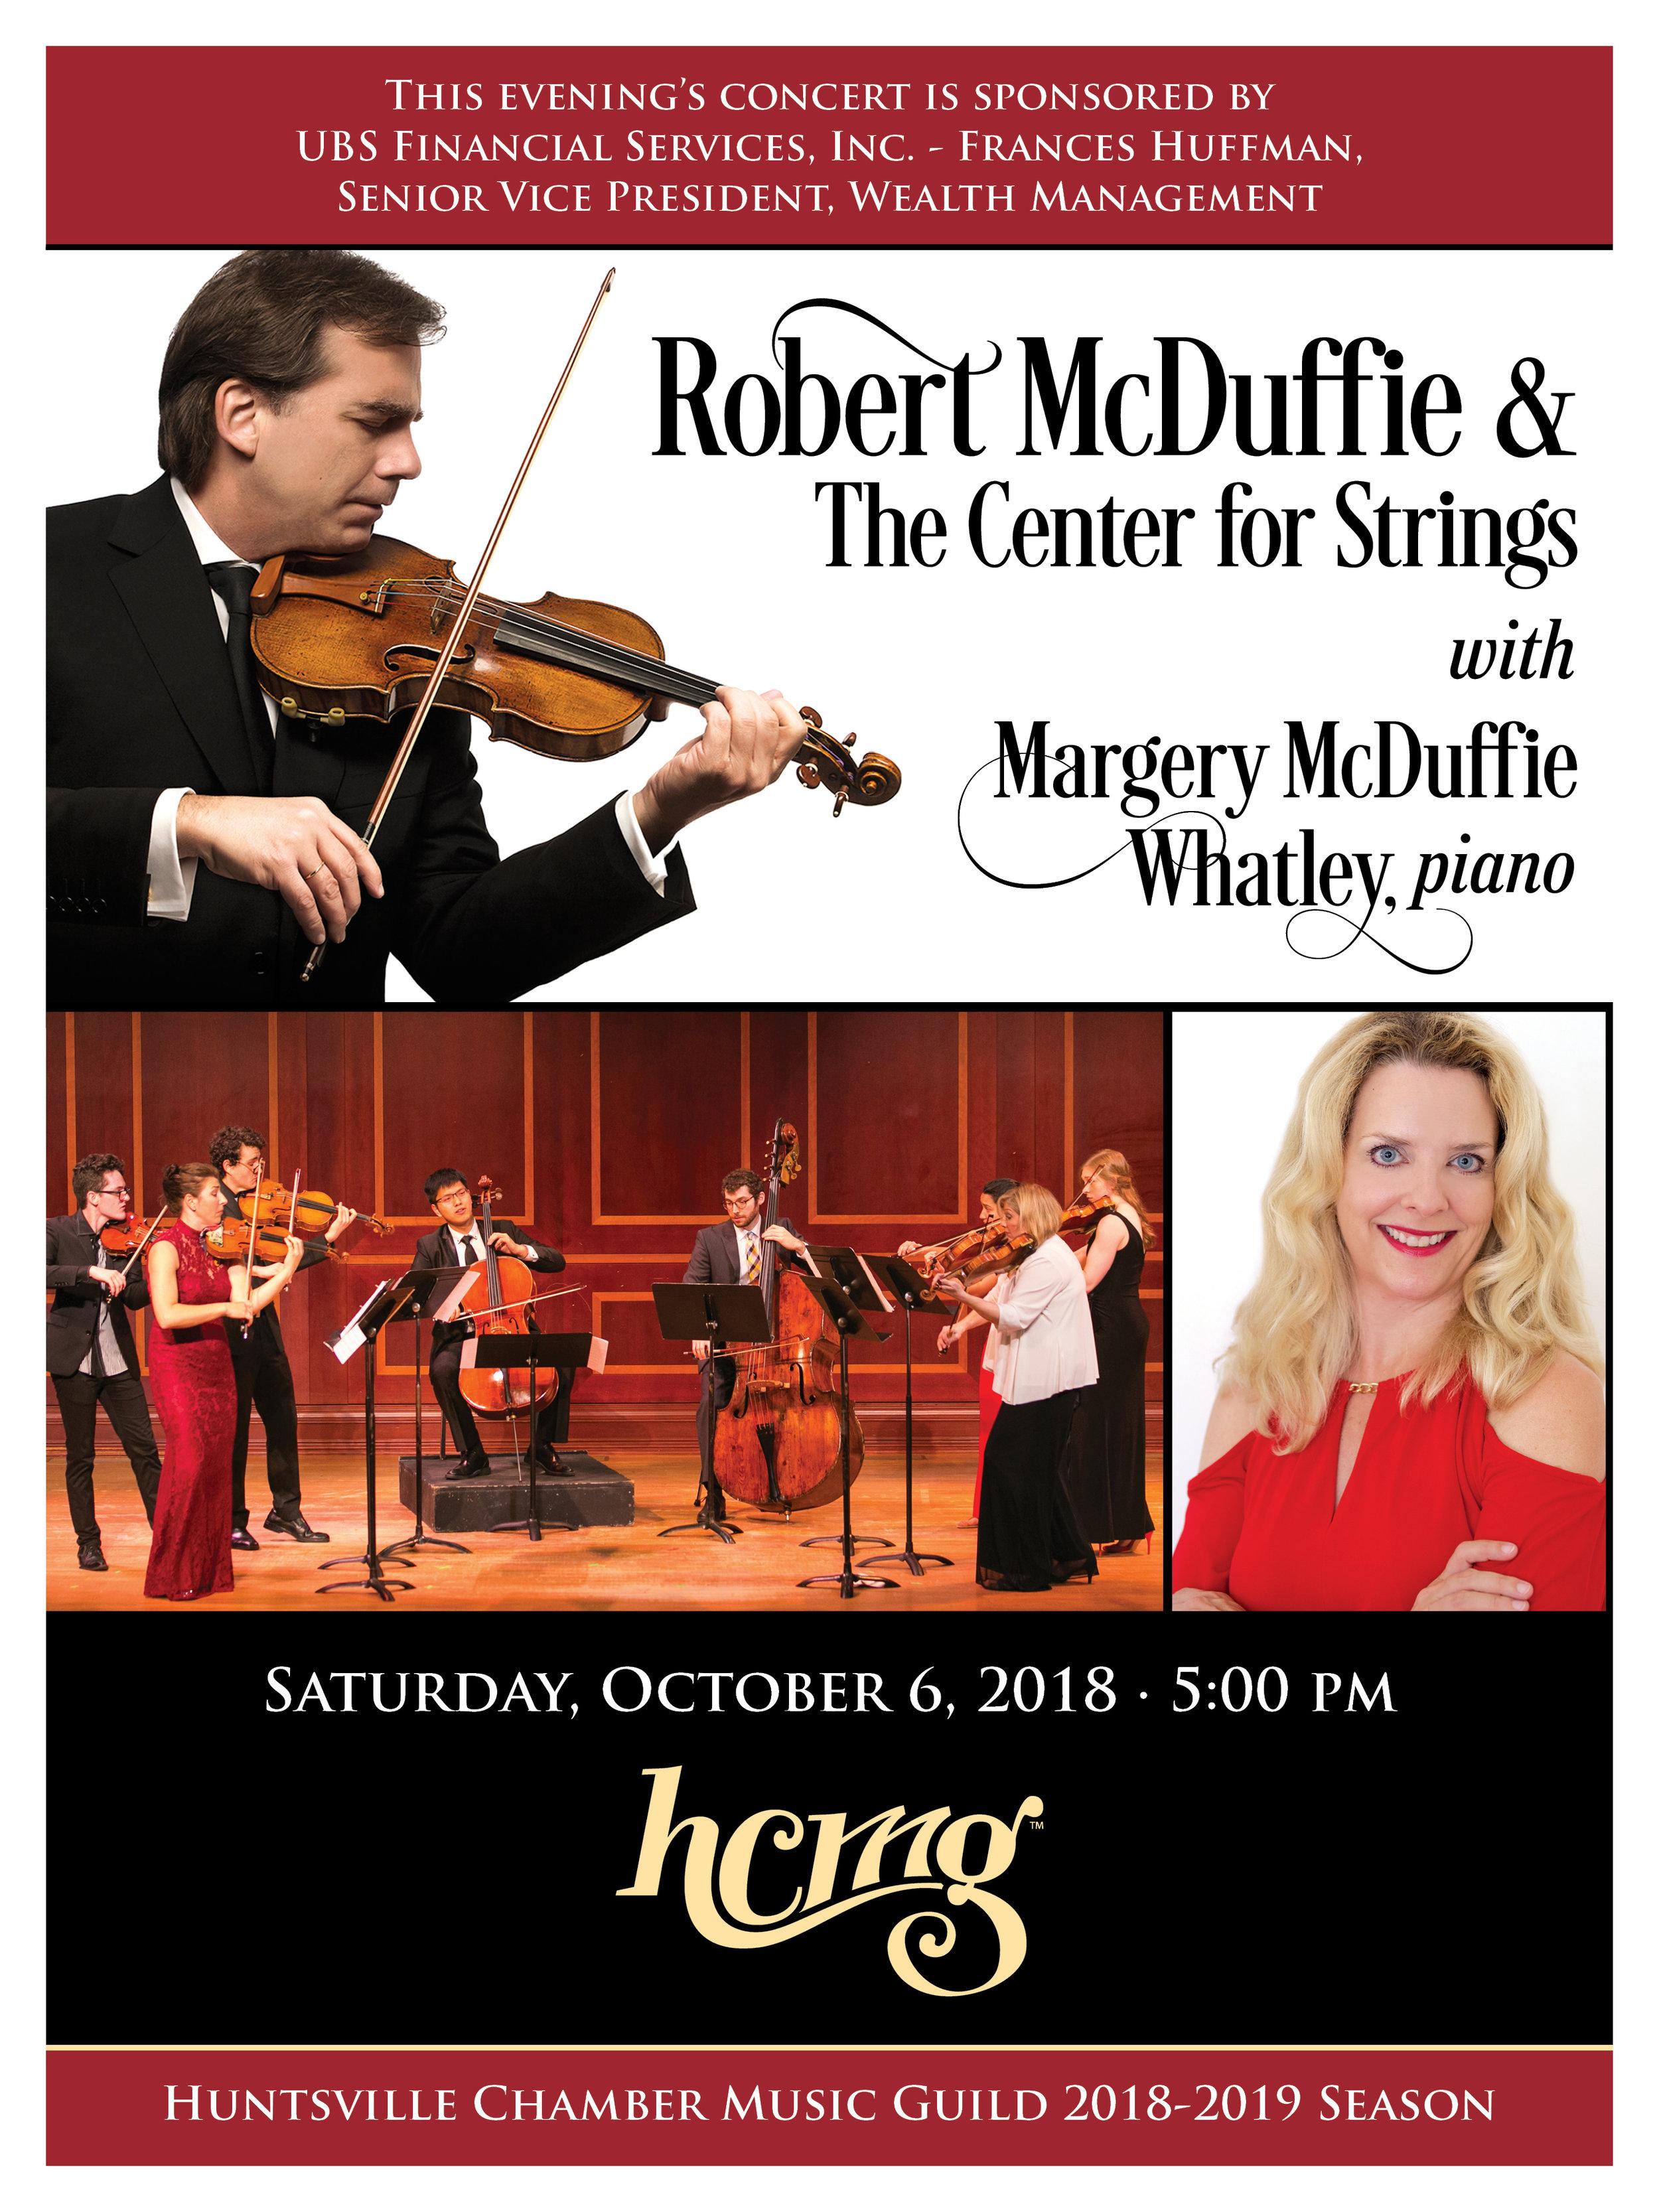 McDuffie_CenterForStrings_Whatley sponsor poster.jpg